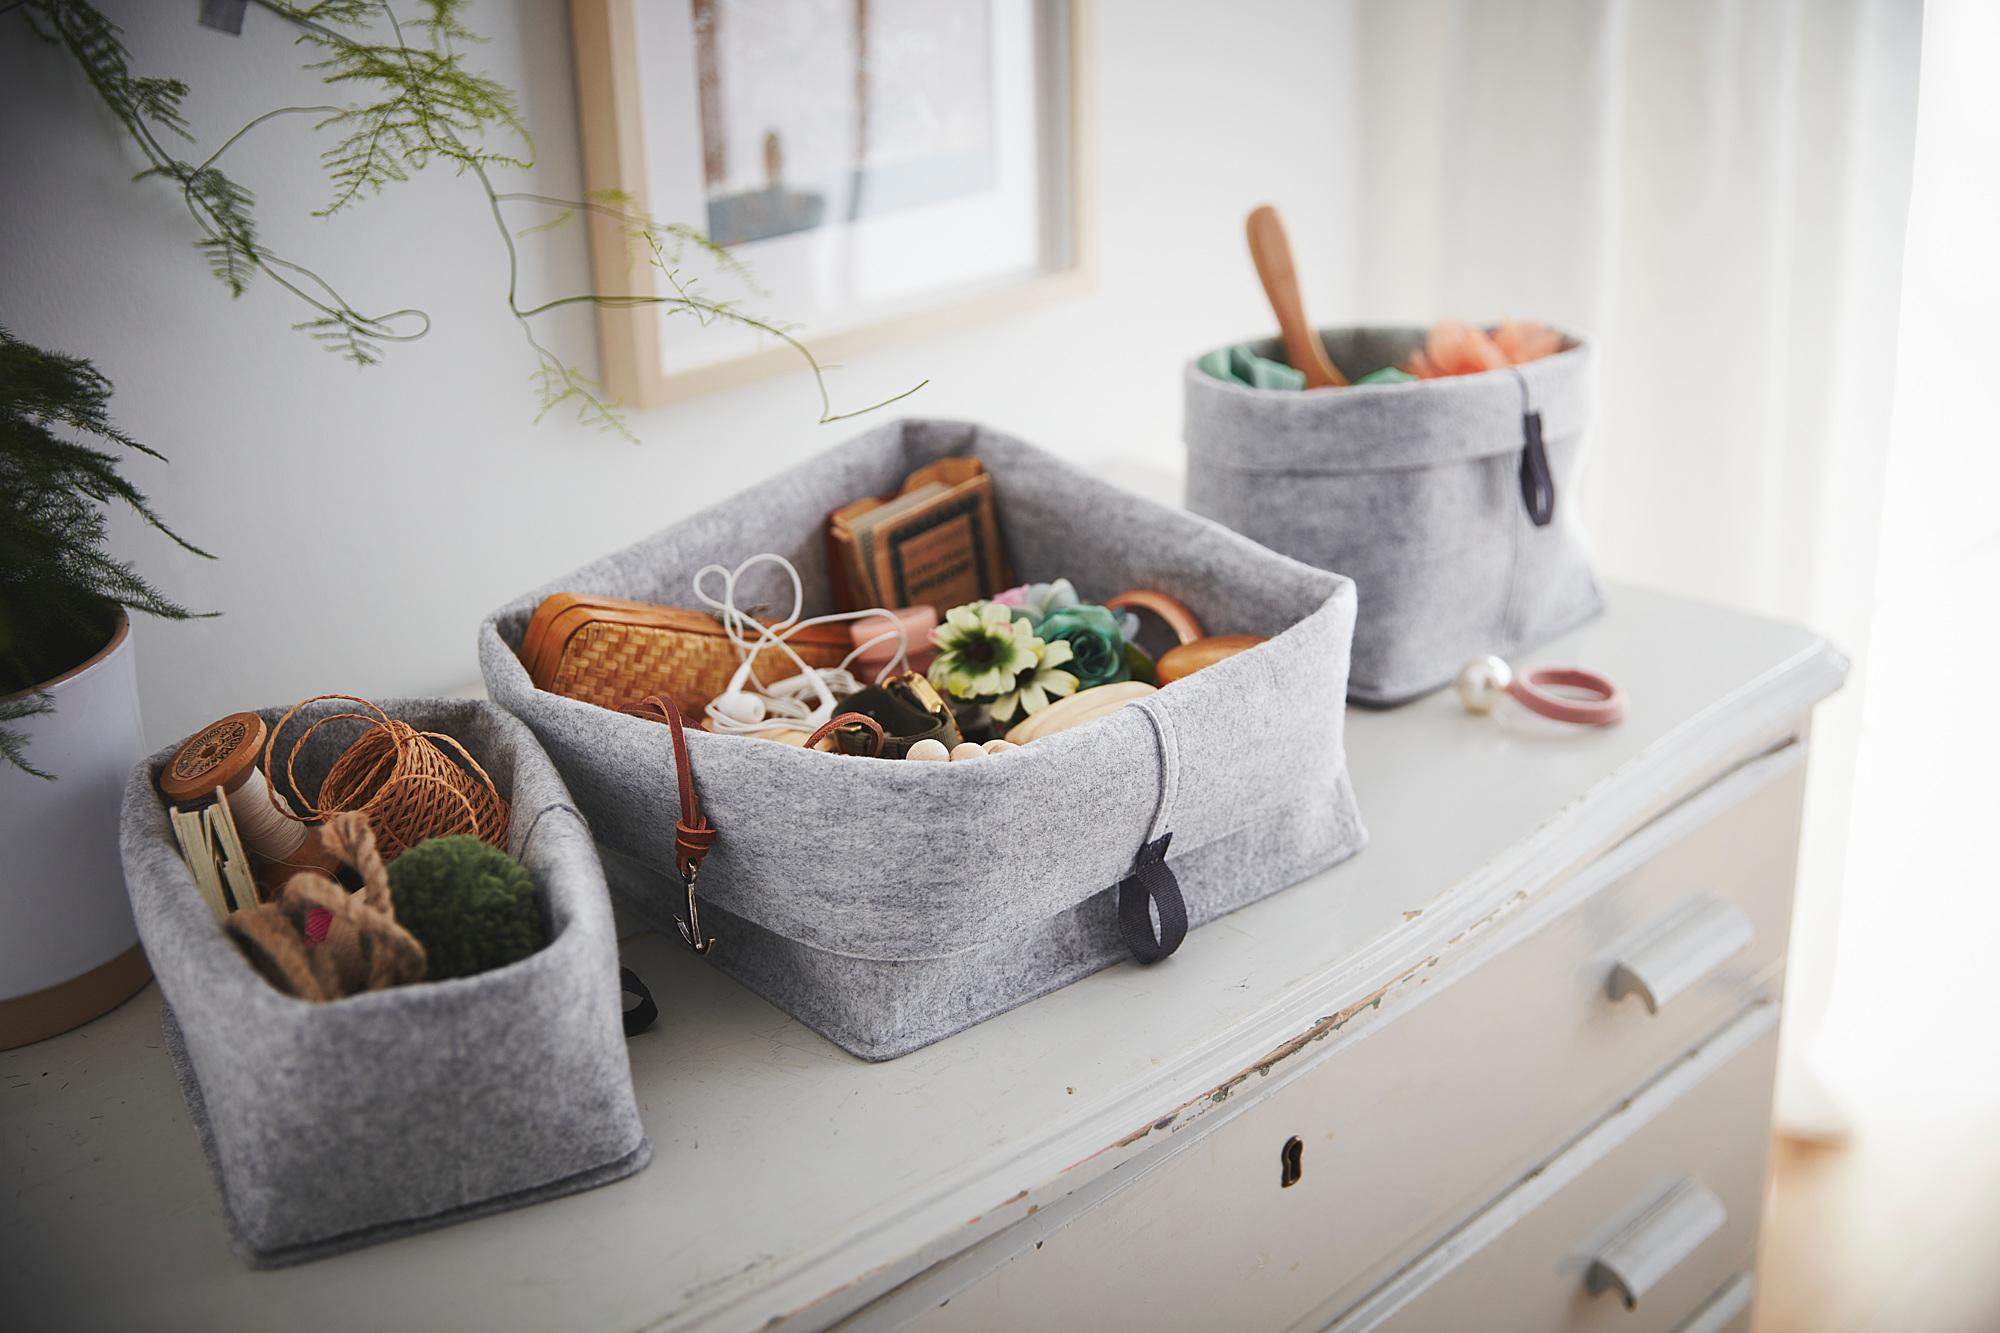 RAGGISAR basket, set of 3